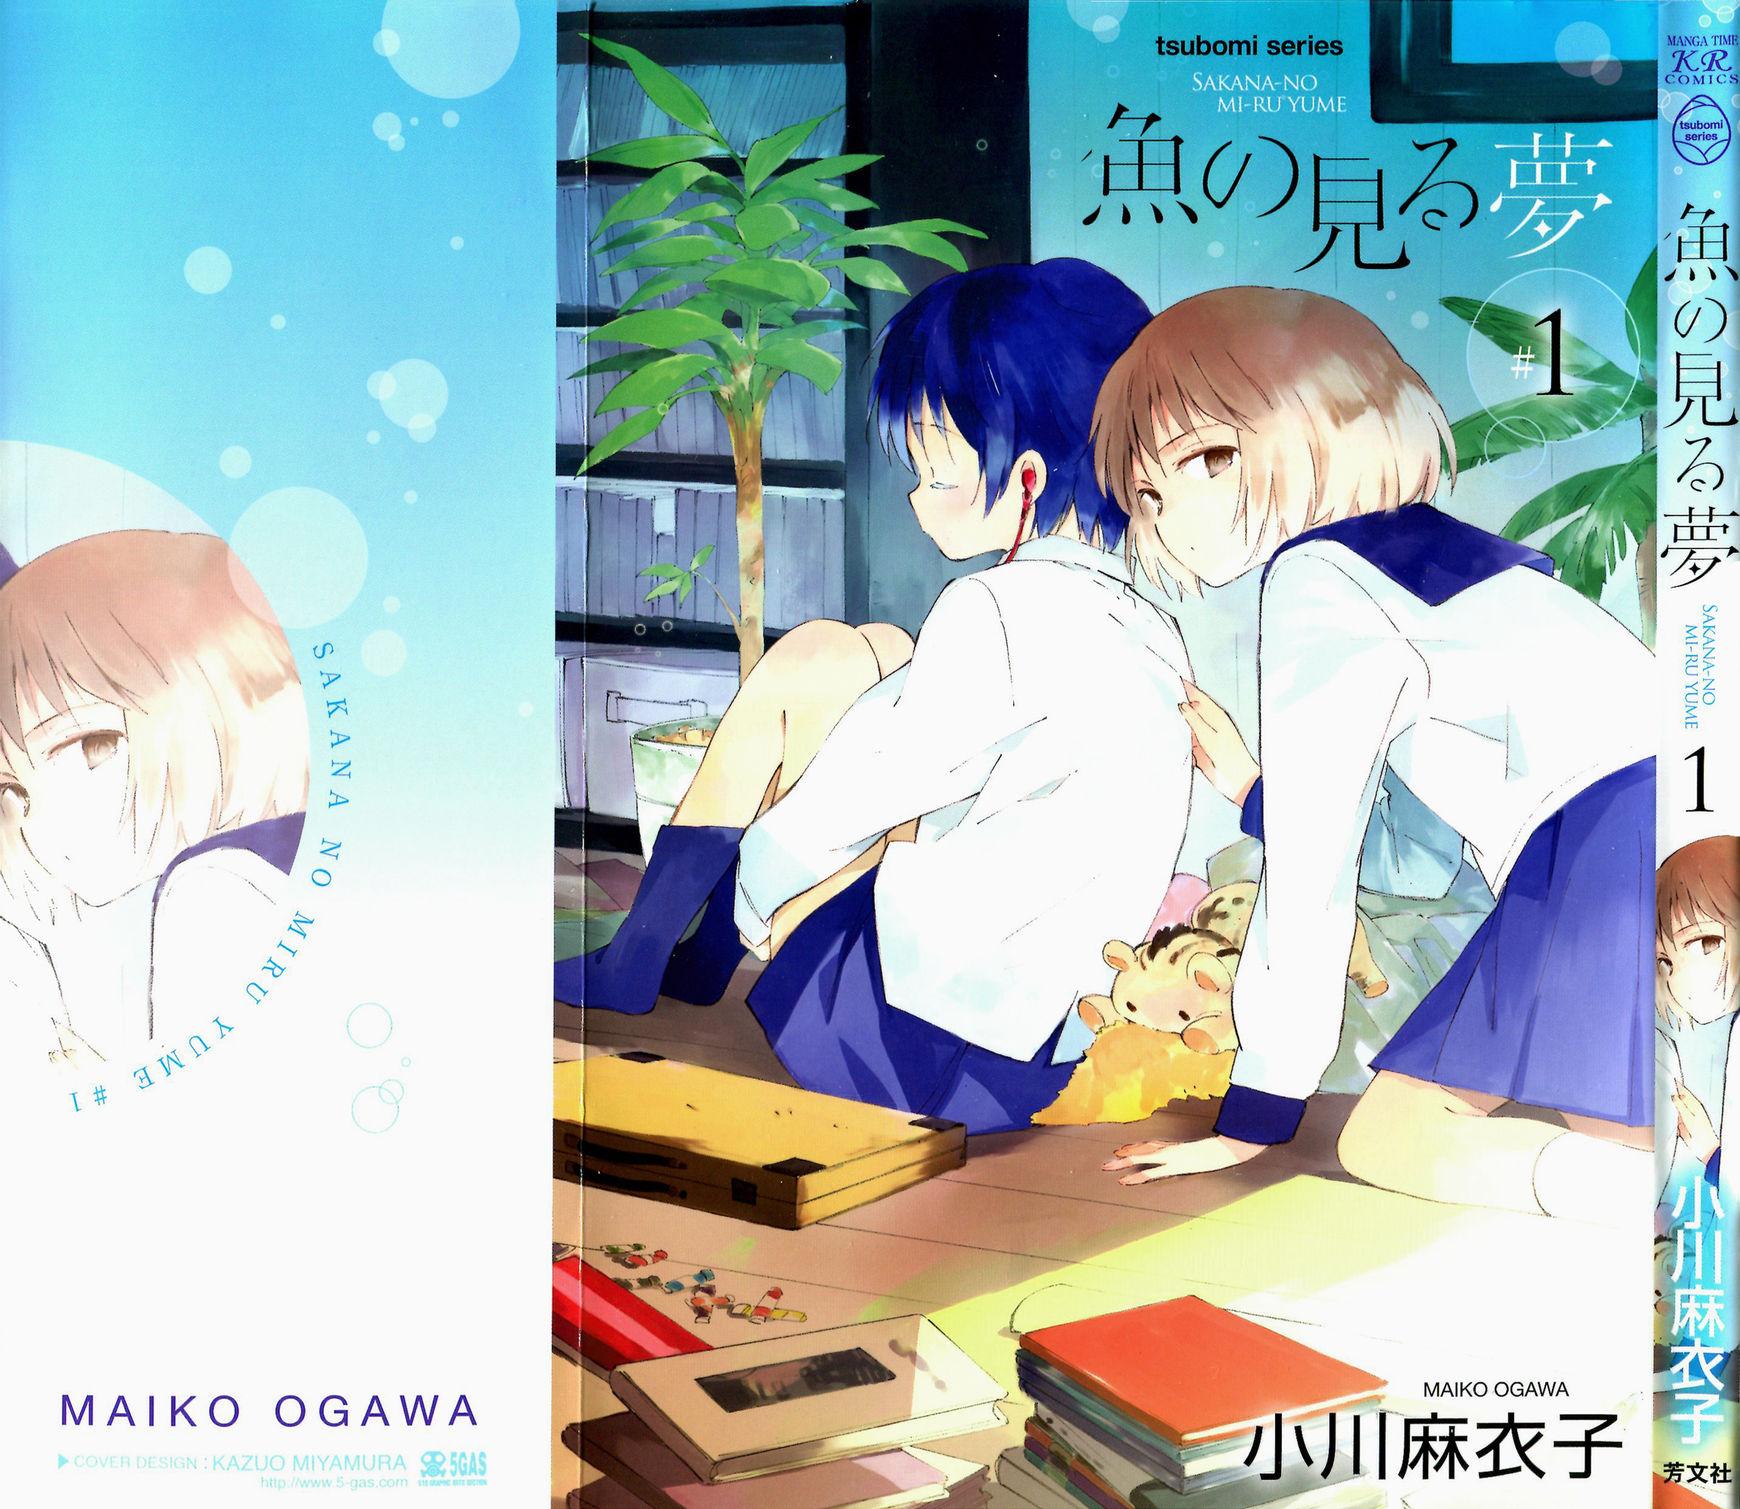 Sakana no Miru Yume 1 Page 2